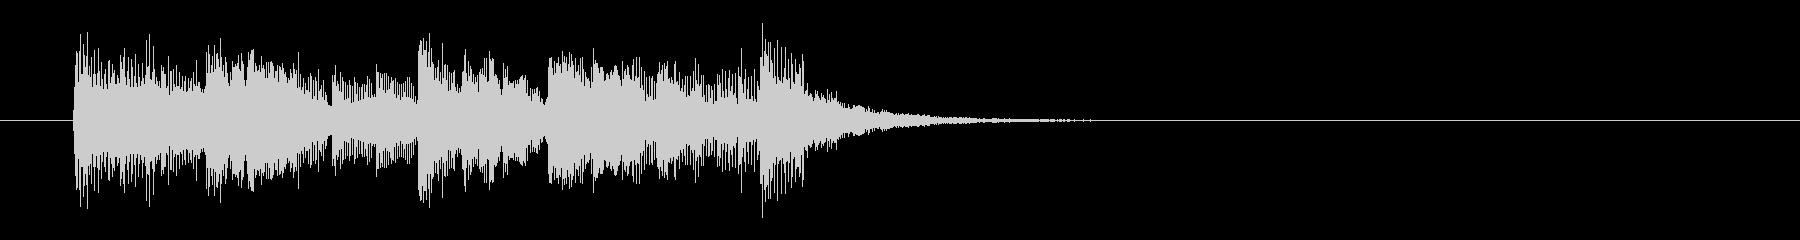 ファンキー・フュージョン系ジングルの未再生の波形